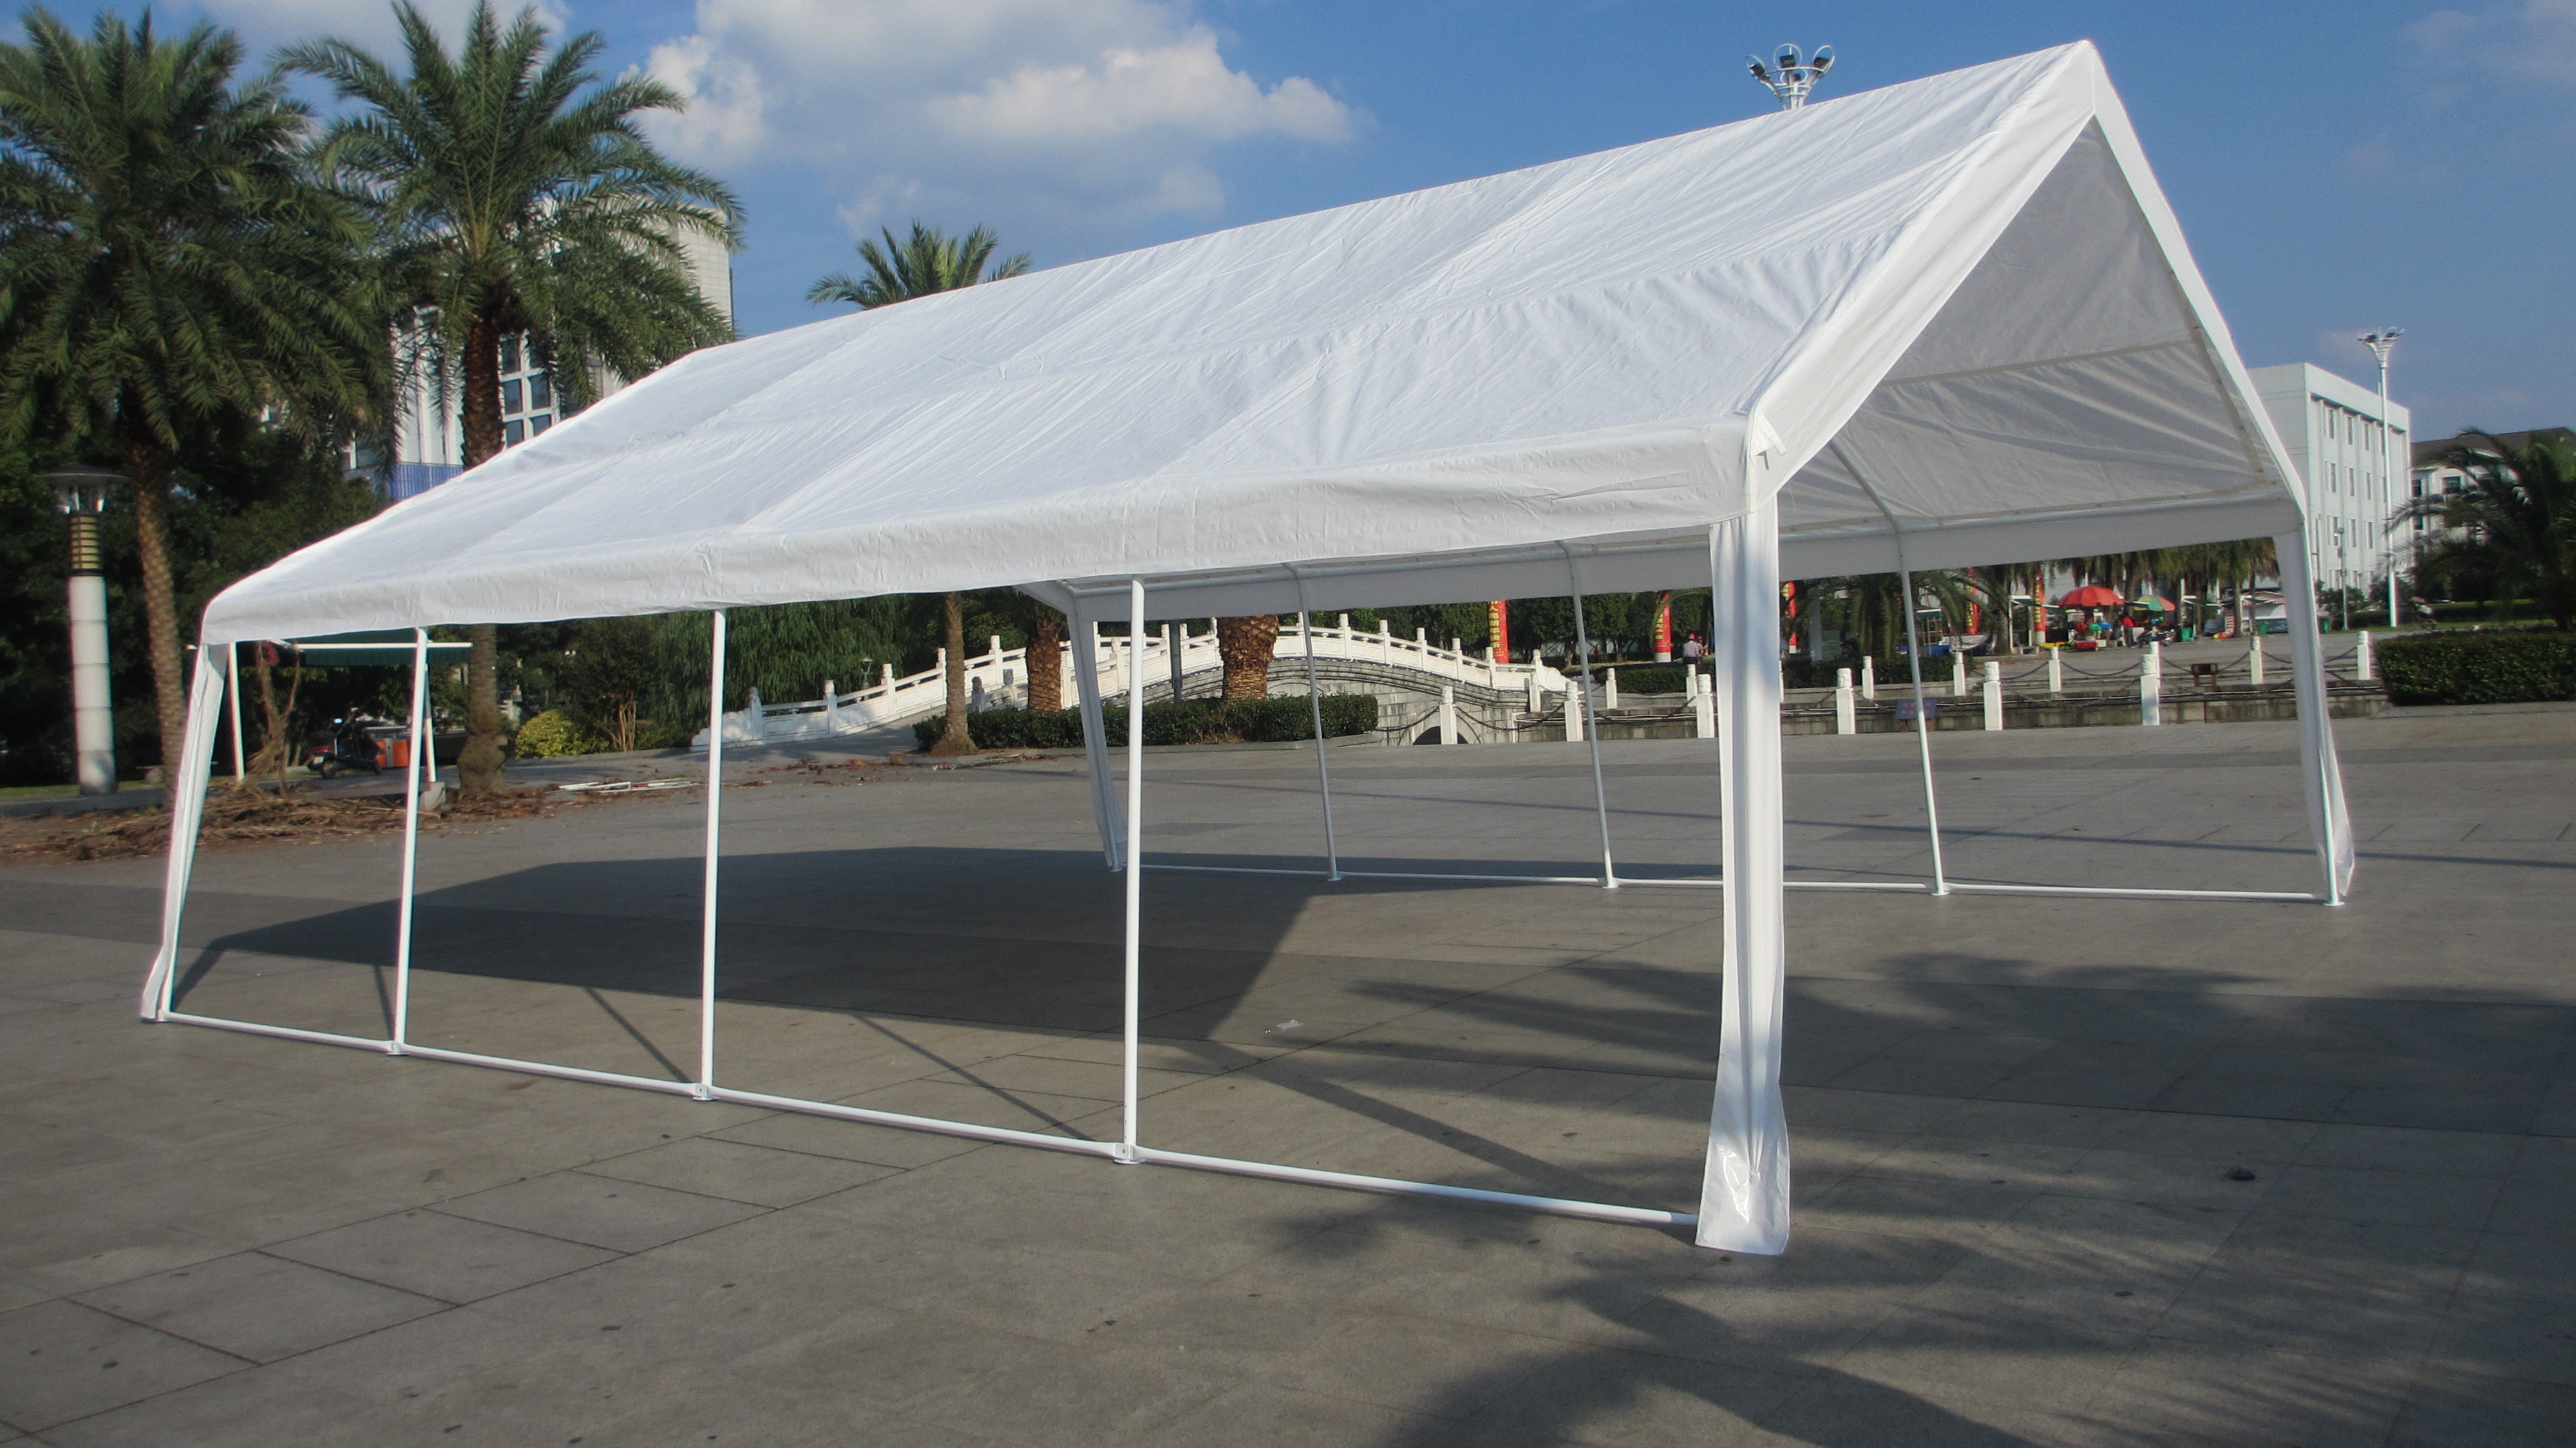 Car Canopy Carport : Mcombo white heavy duty carport party tent canopy